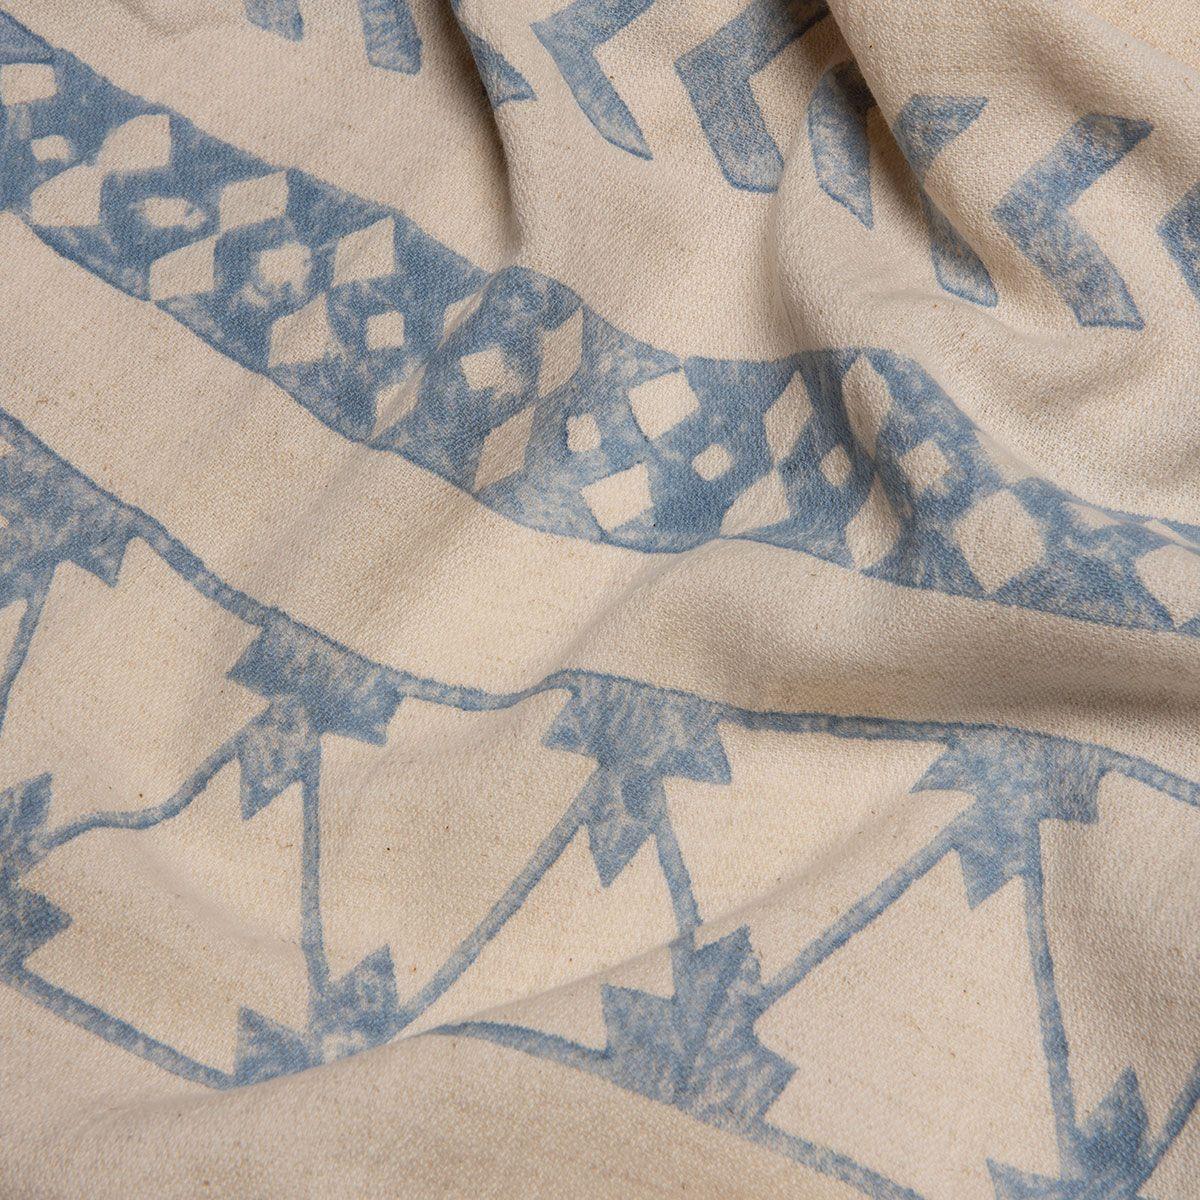 Peshtemal Hand printed 06 - Blue